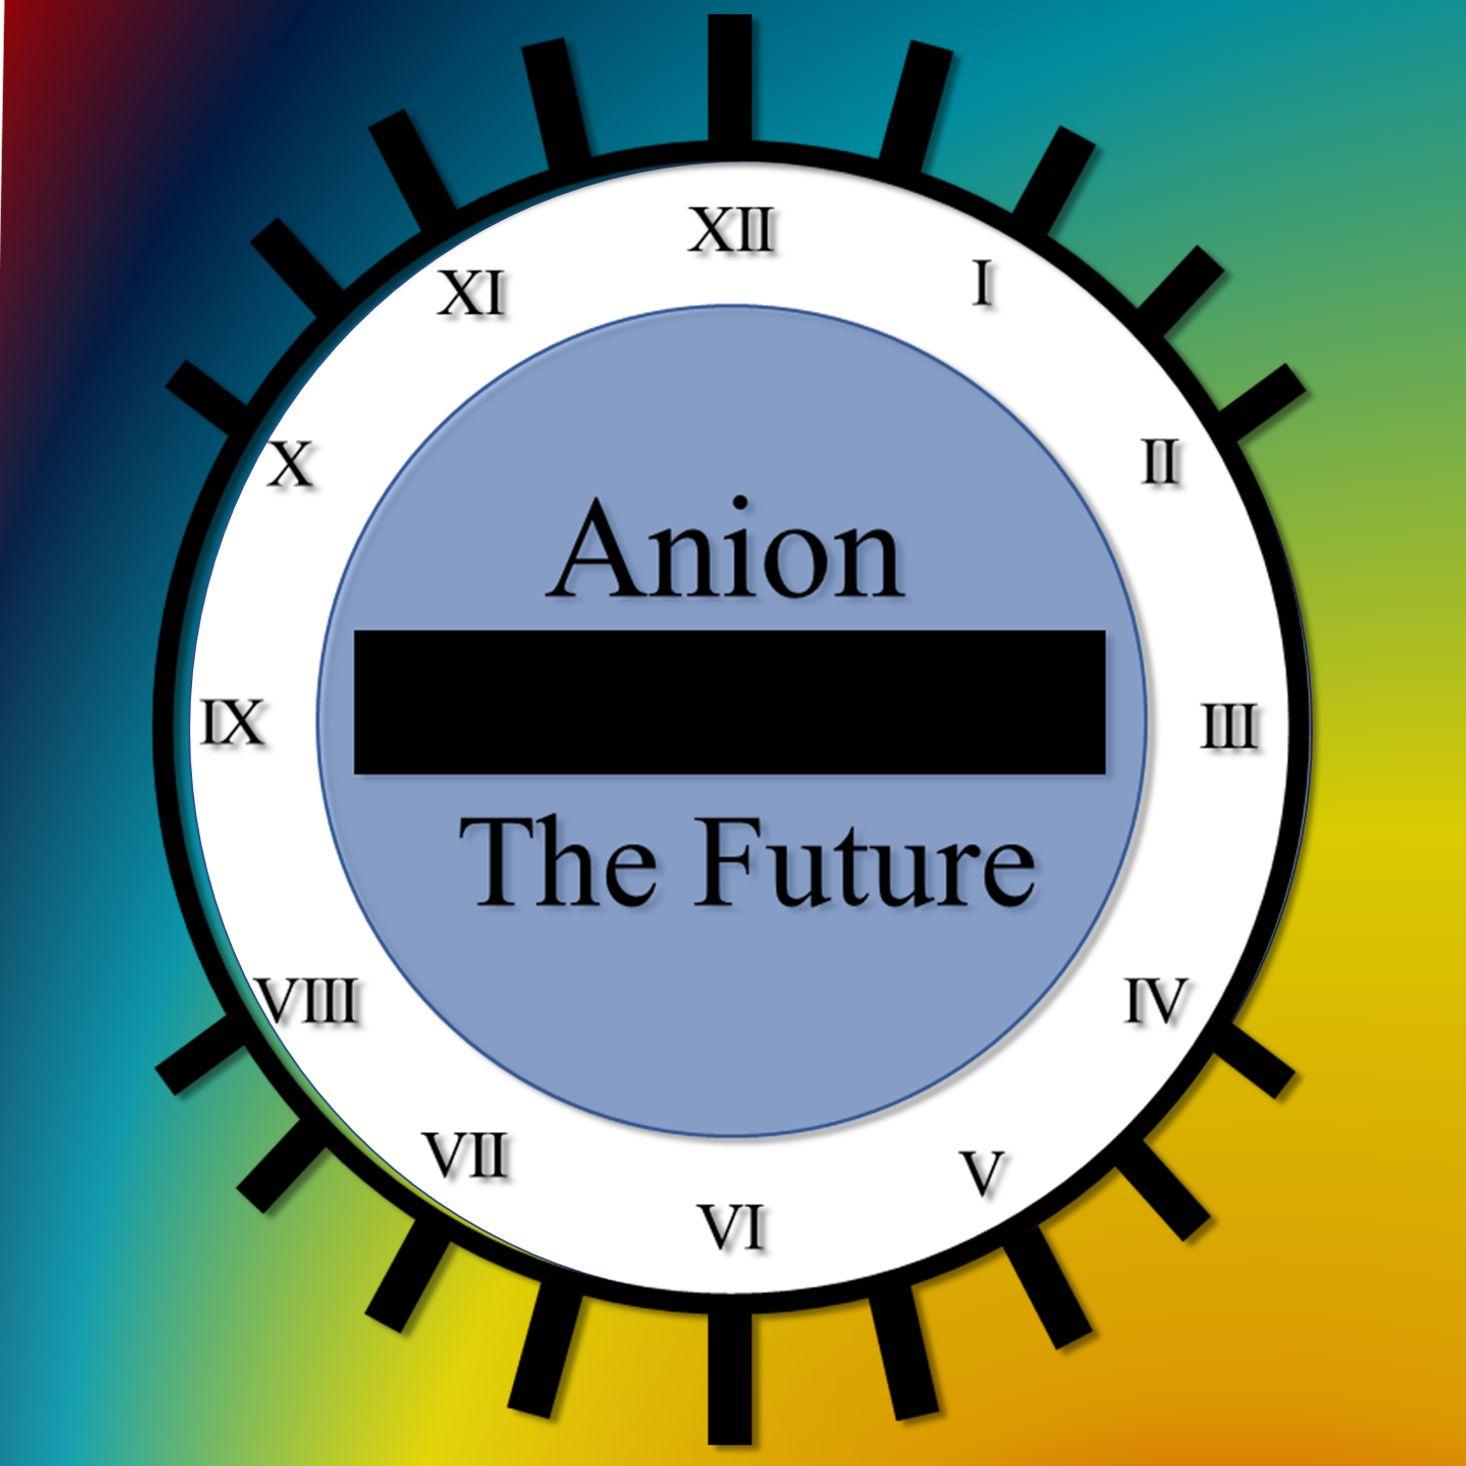 Anion The Future